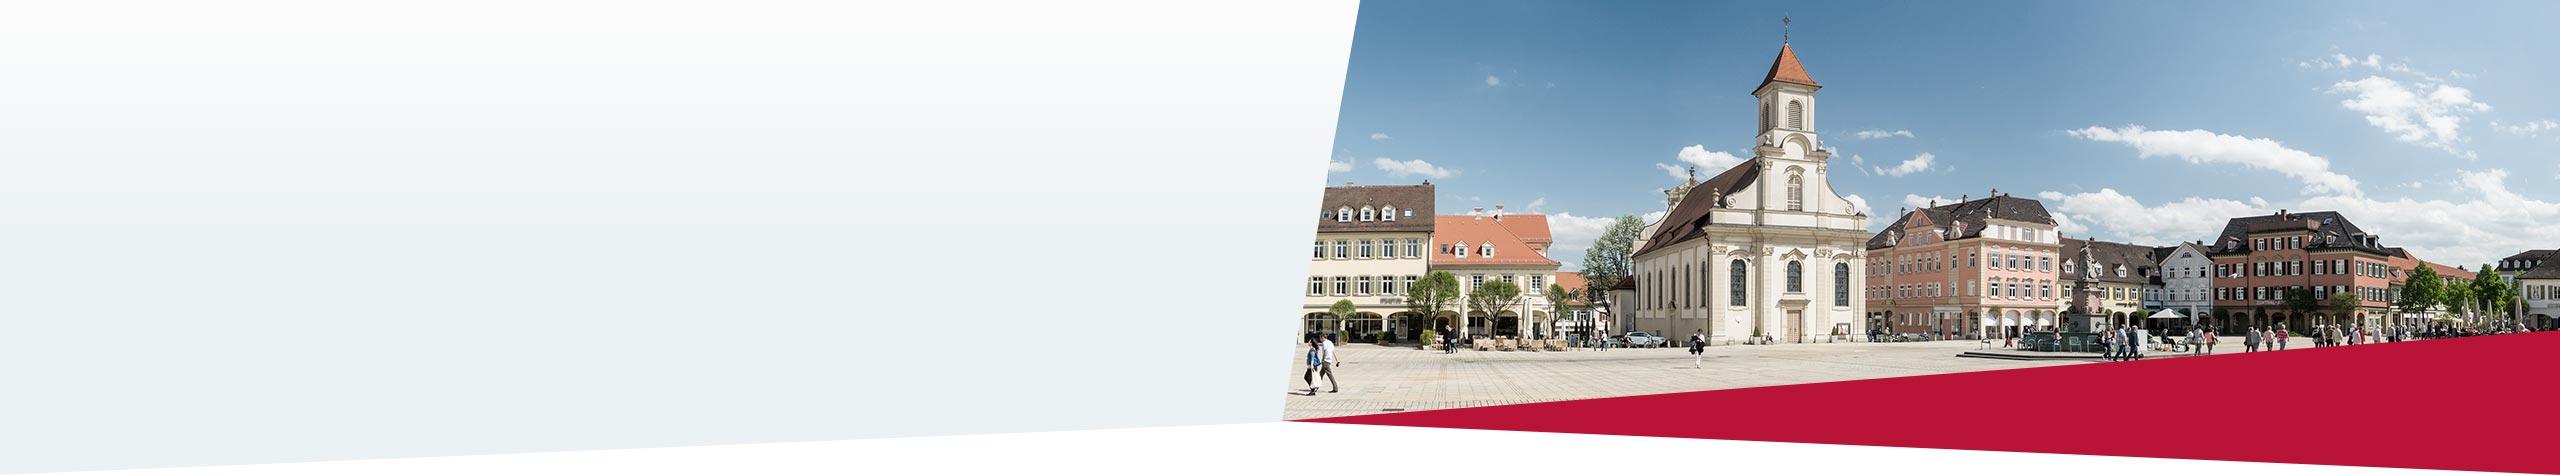 Ludwigsburg Beratung und Services in Ihrer Nähe.